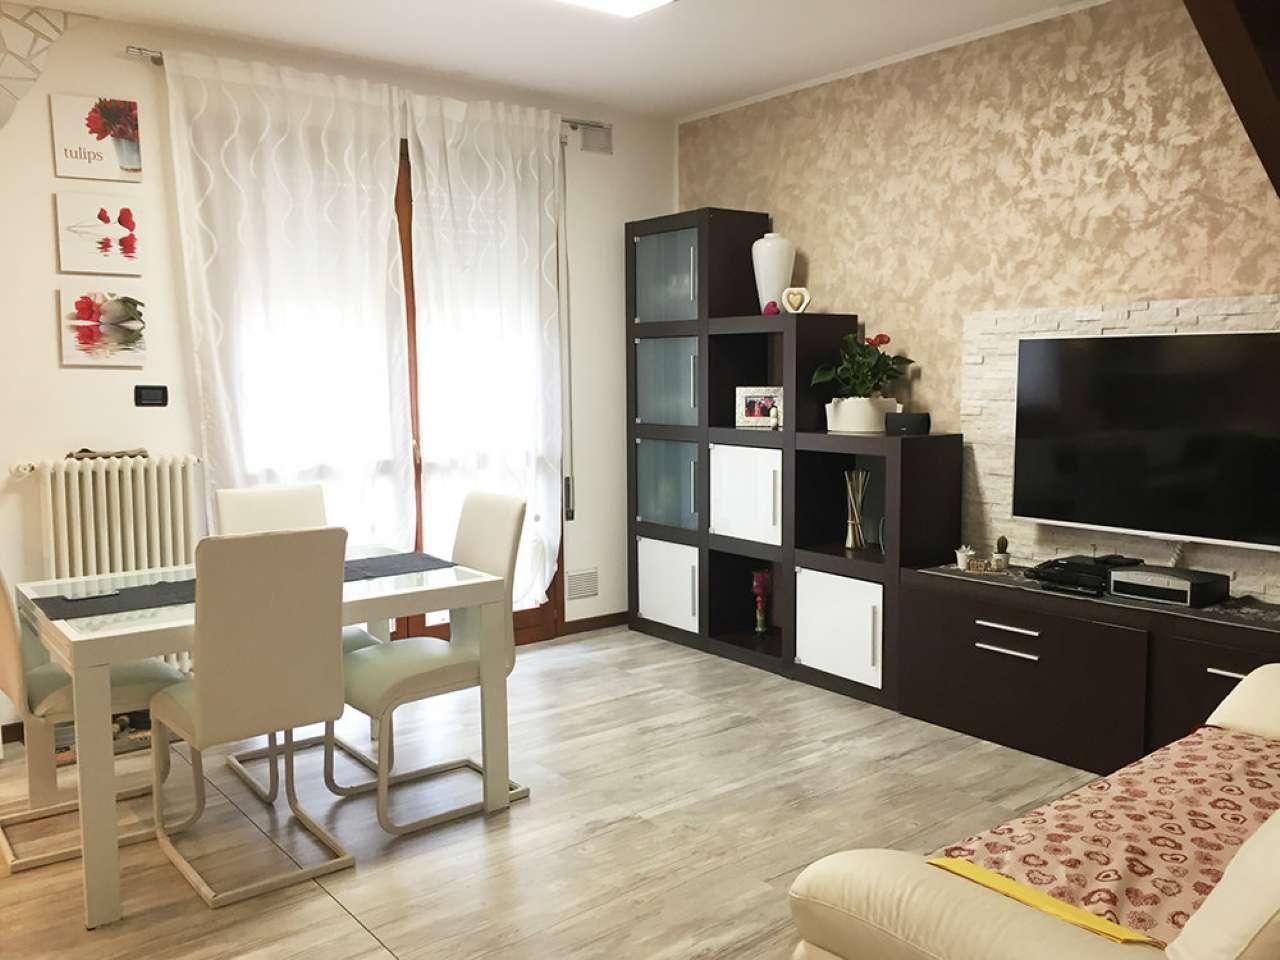 Appartamento in vendita a Piove di Sacco, 3 locali, prezzo € 129.000 | Cambio Casa.it